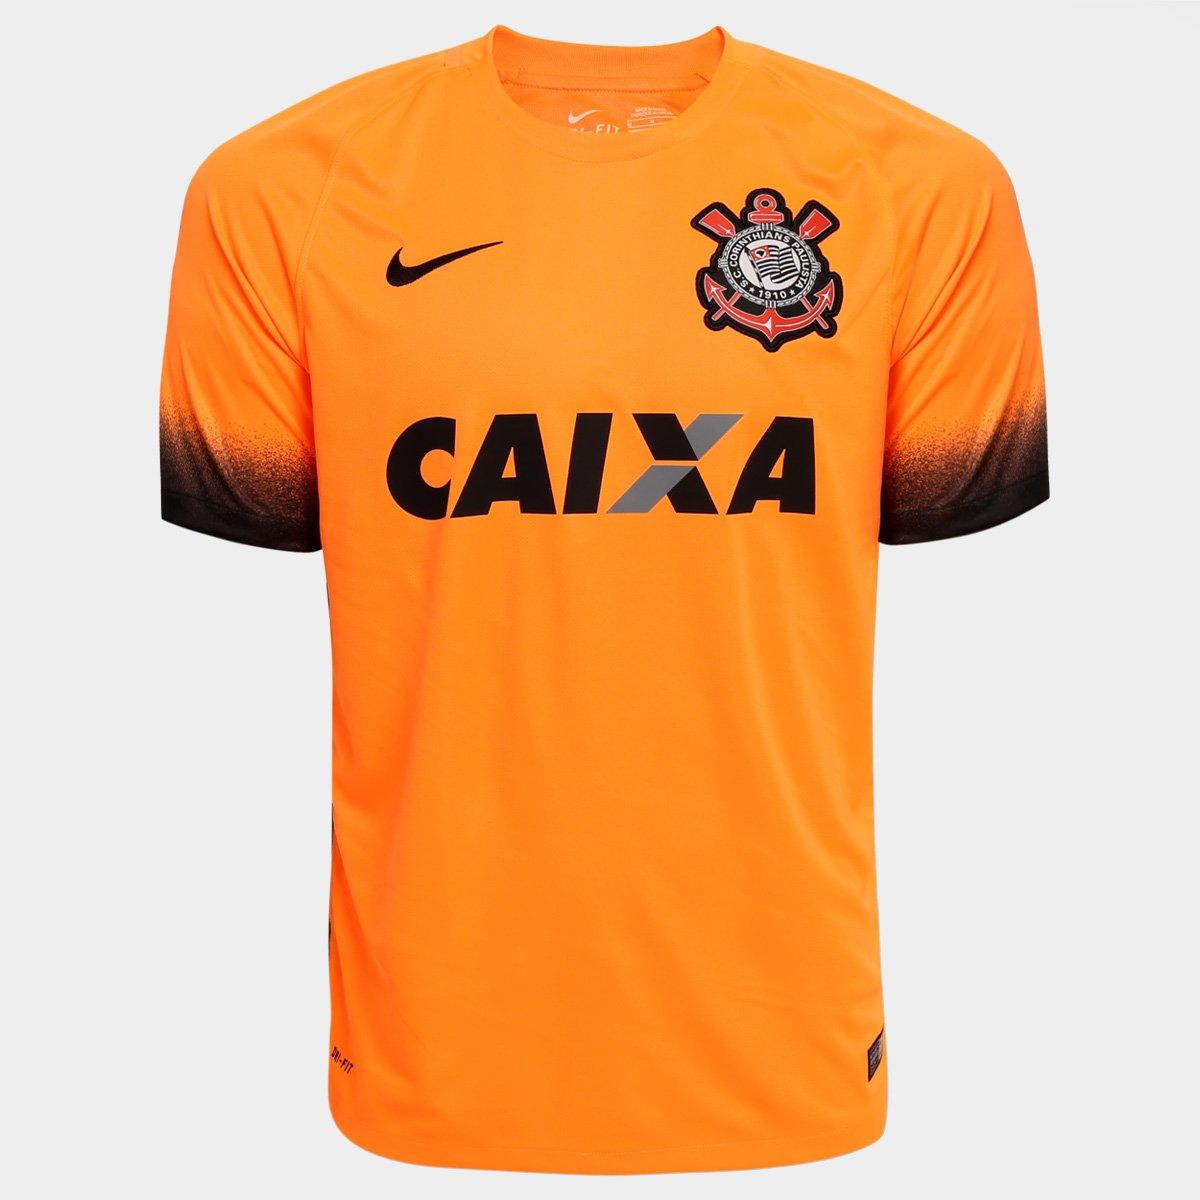 877638278d504 Camisa Corinthians III 15 16 s nº - Torcedor Nike Masculina - Compre Agora